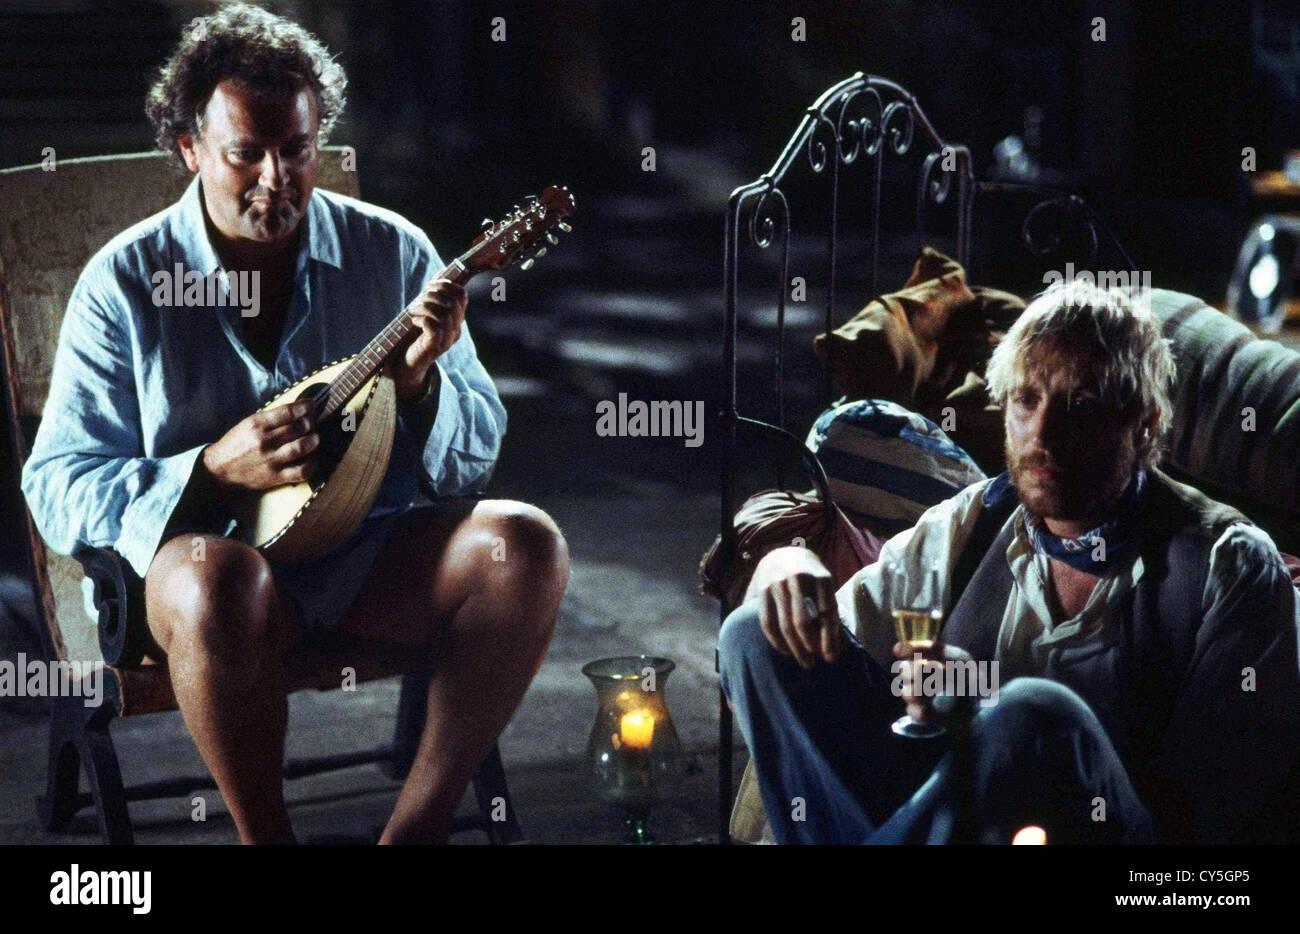 FOUR LAST SONGS (2006) HUGH BONNEVILLE, RHYS IFANS, FRANCESCA JOSEPH (DIR) 003 MOVIESTORE COLLECTION LTD - Stock Image